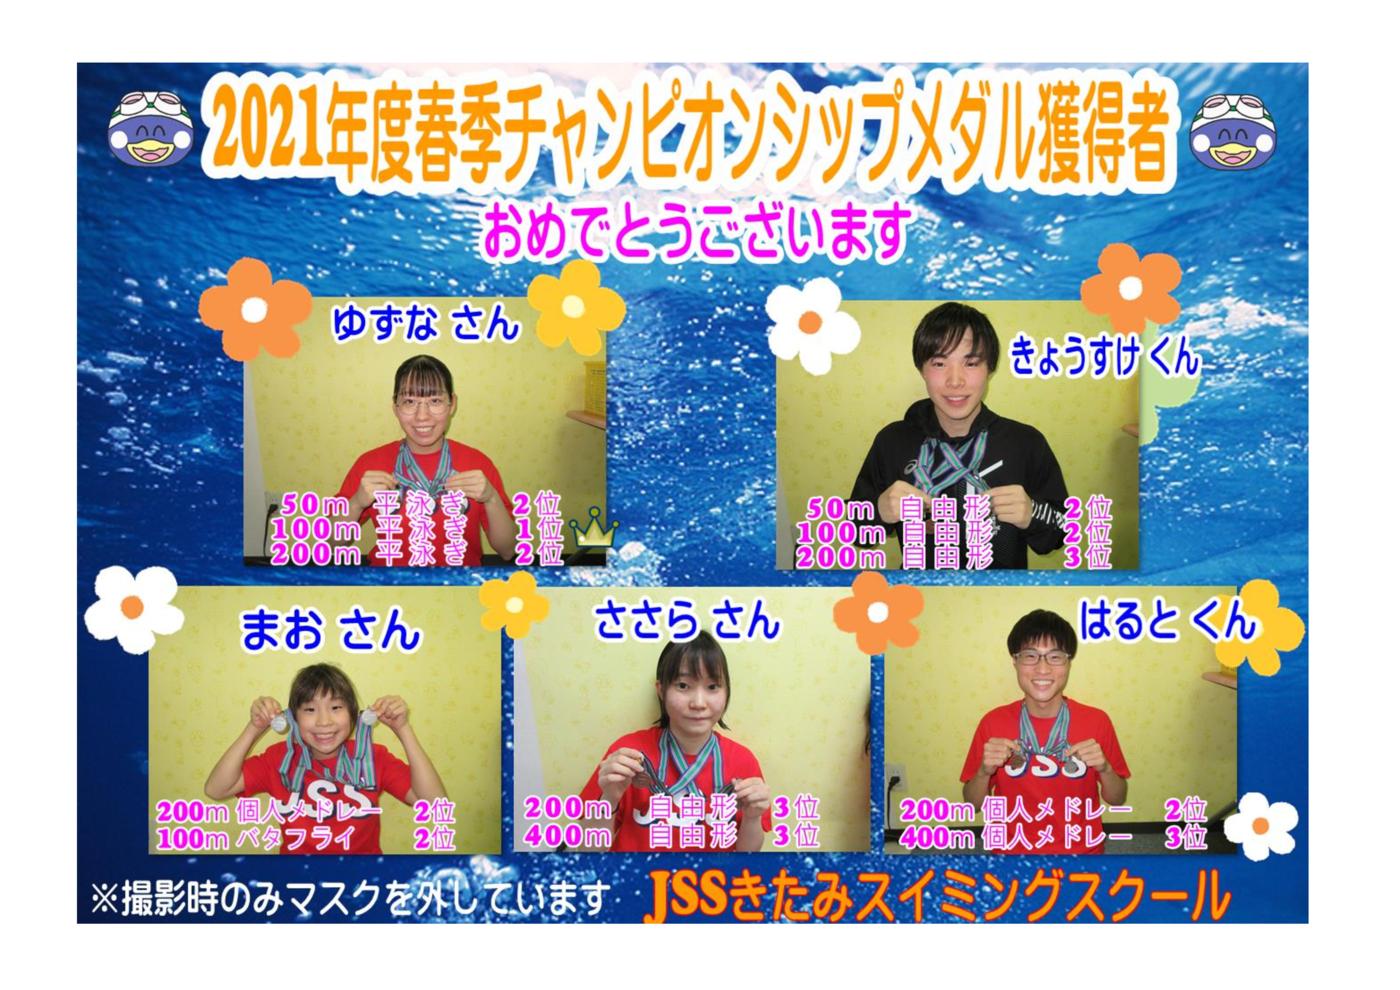 ☆春季チャンピオンシップメダル獲得 画像